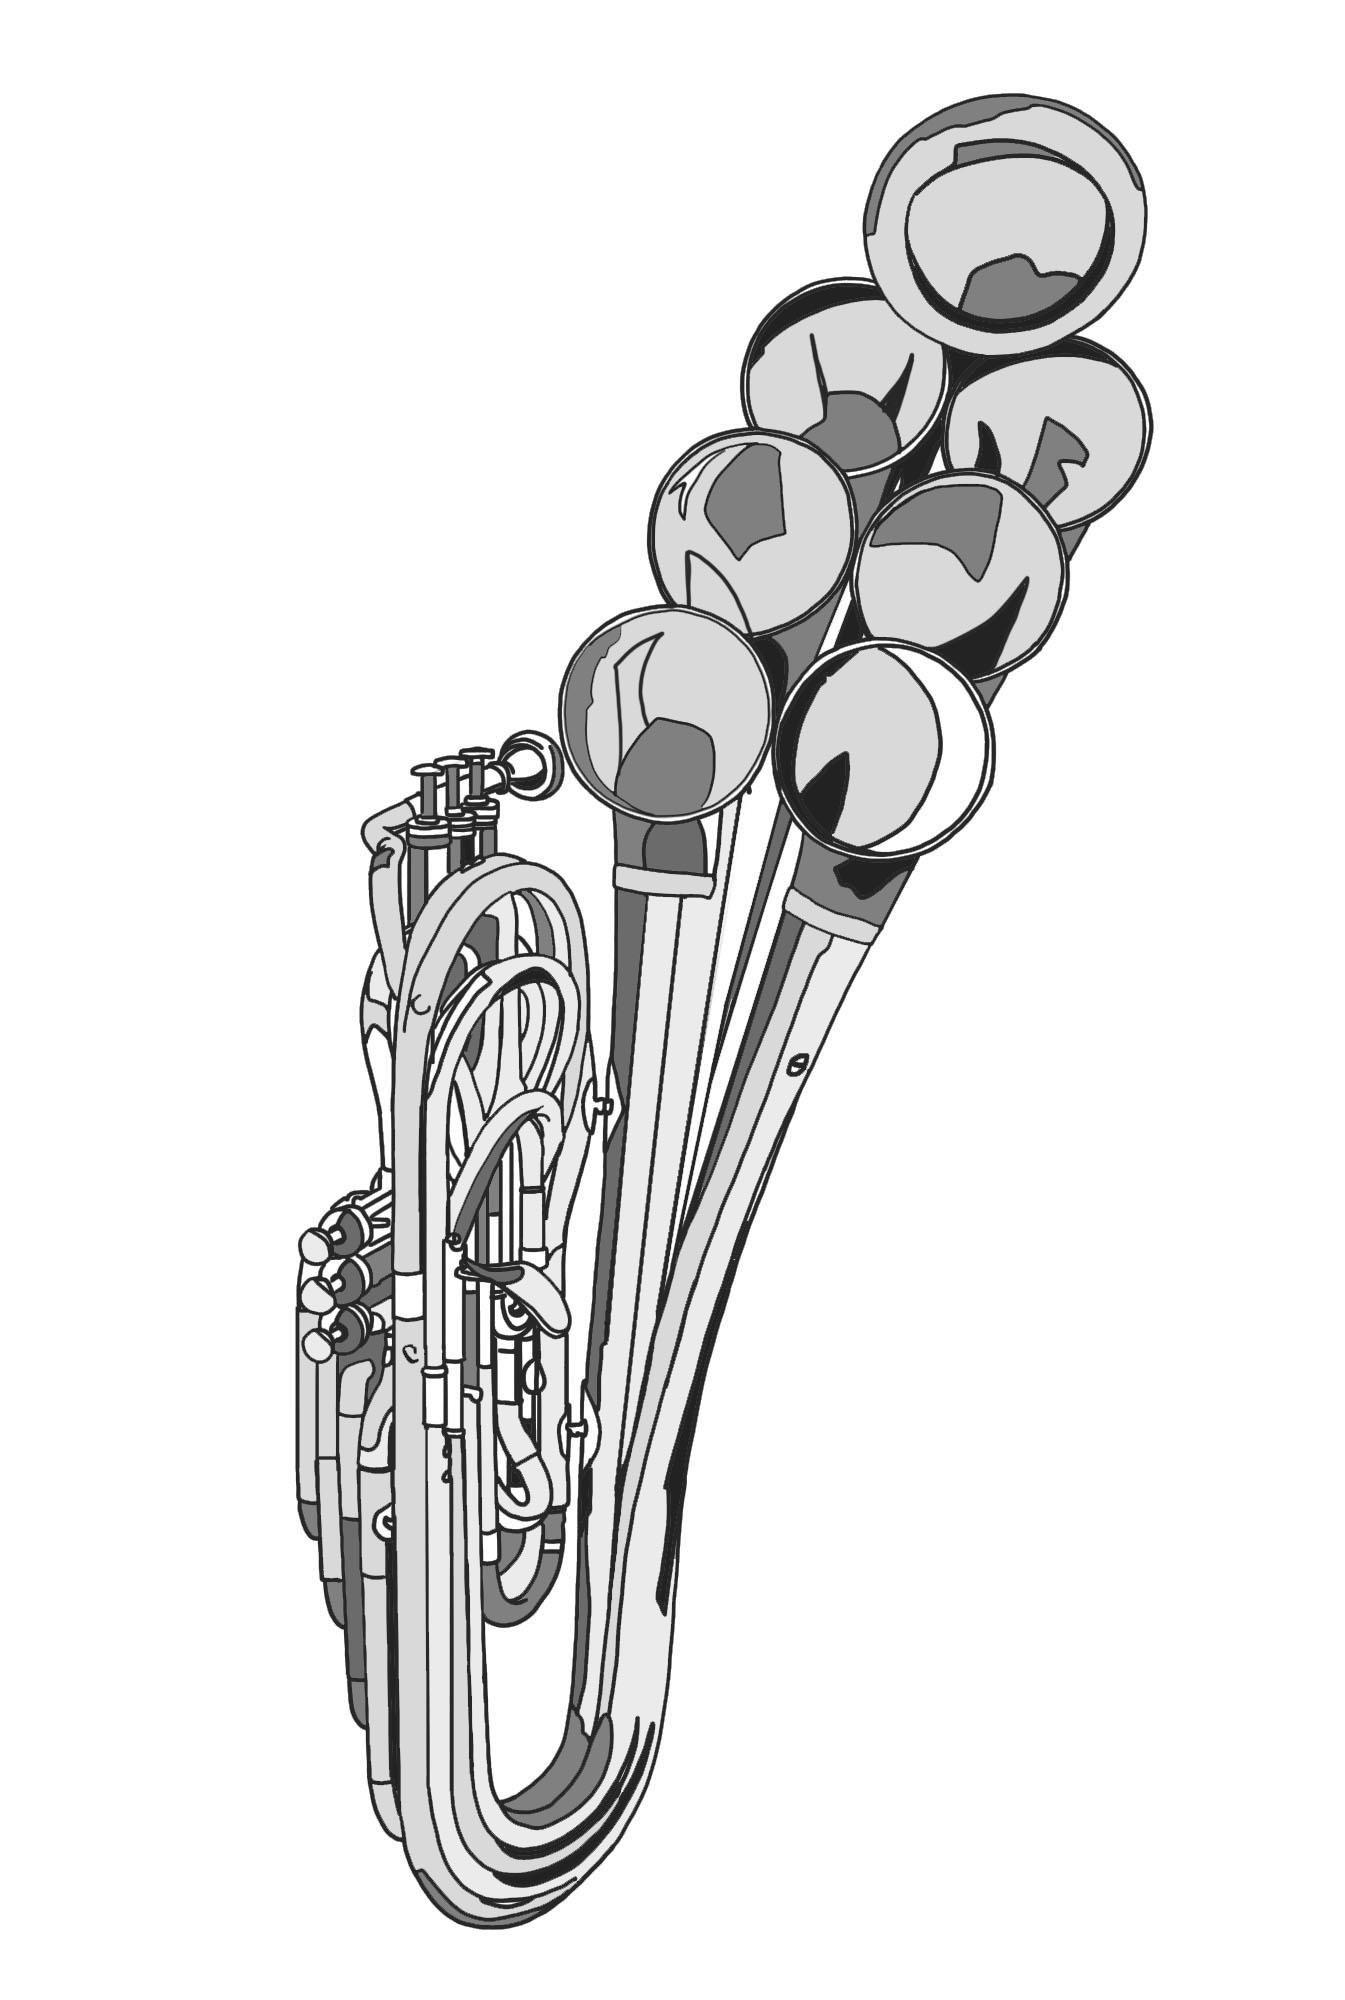 Peterson_Yeo_trombone_seven_bells